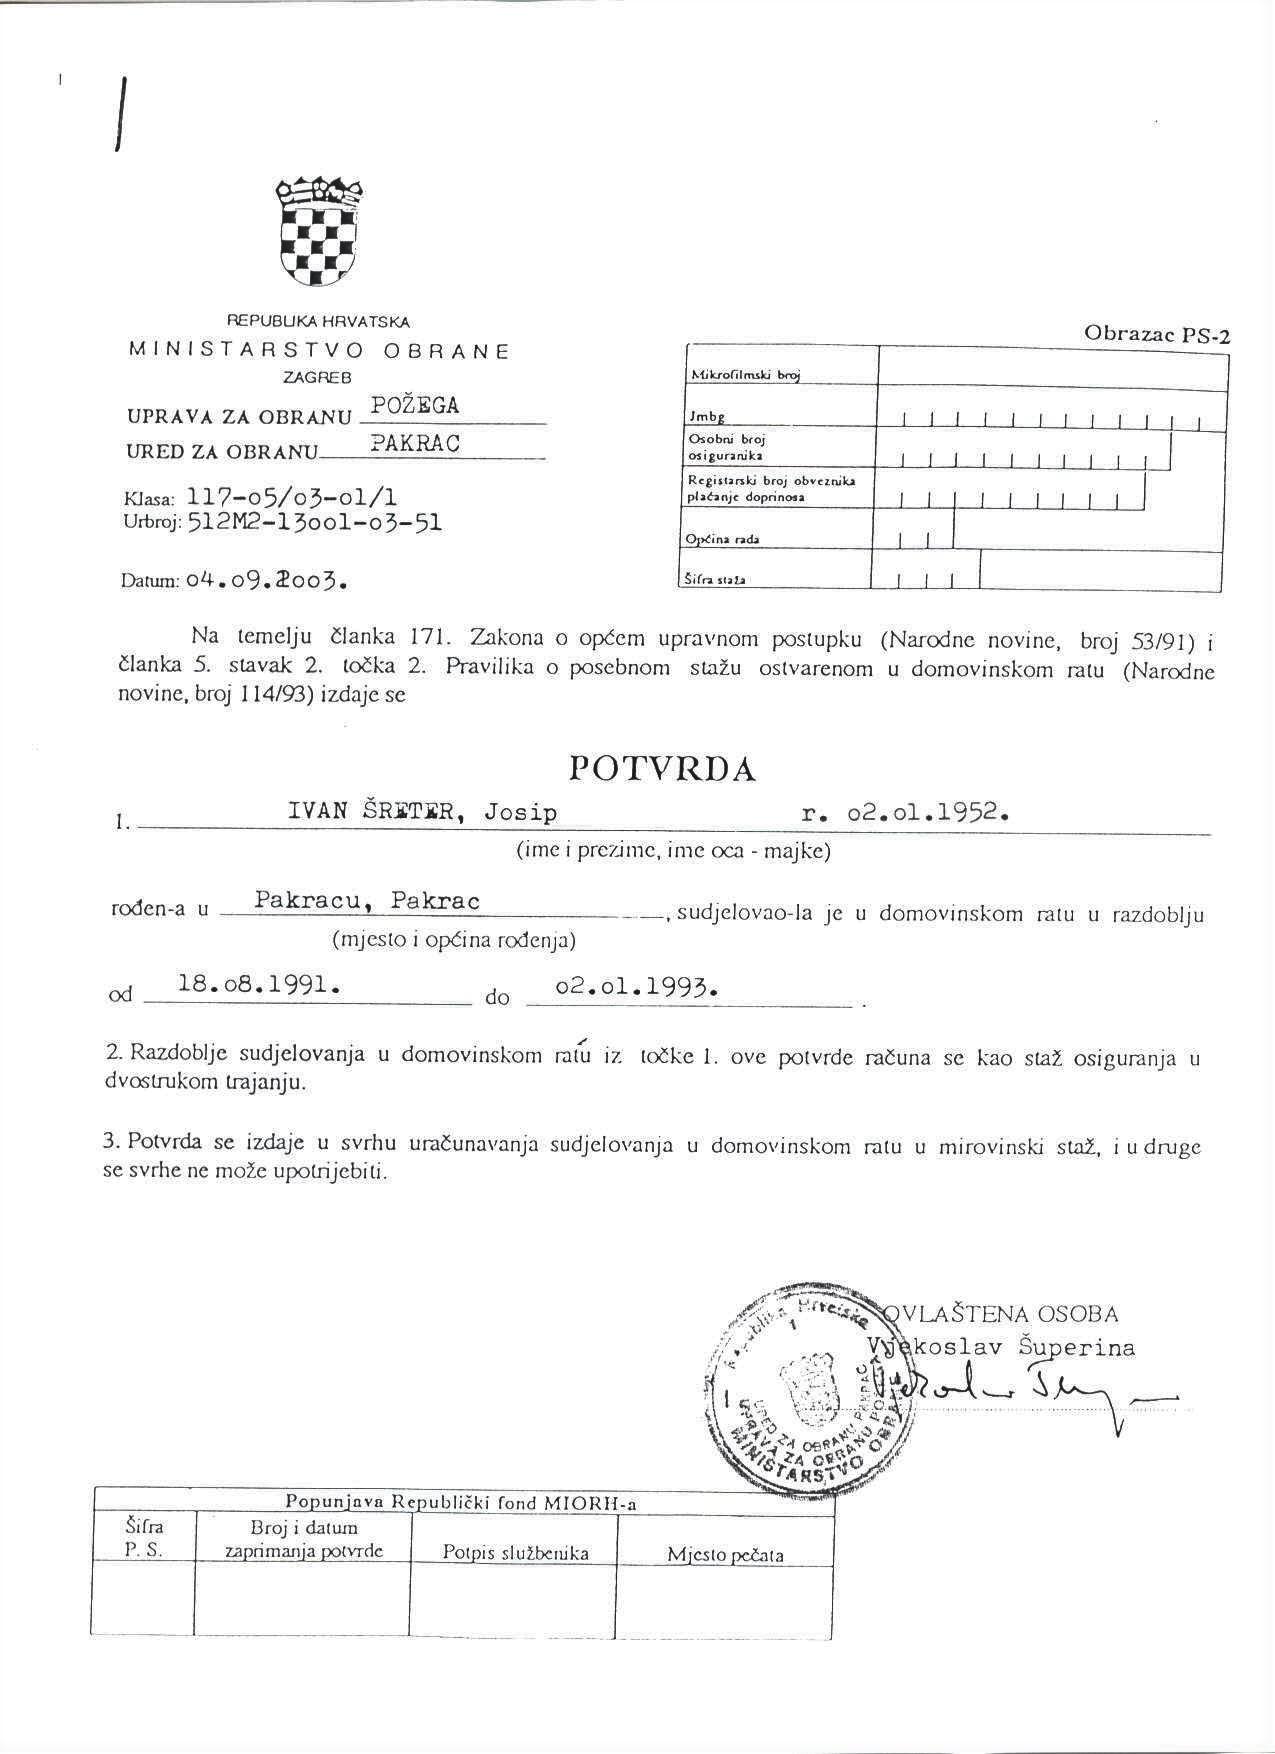 5 Sreter status hrvatskoga branitelja2